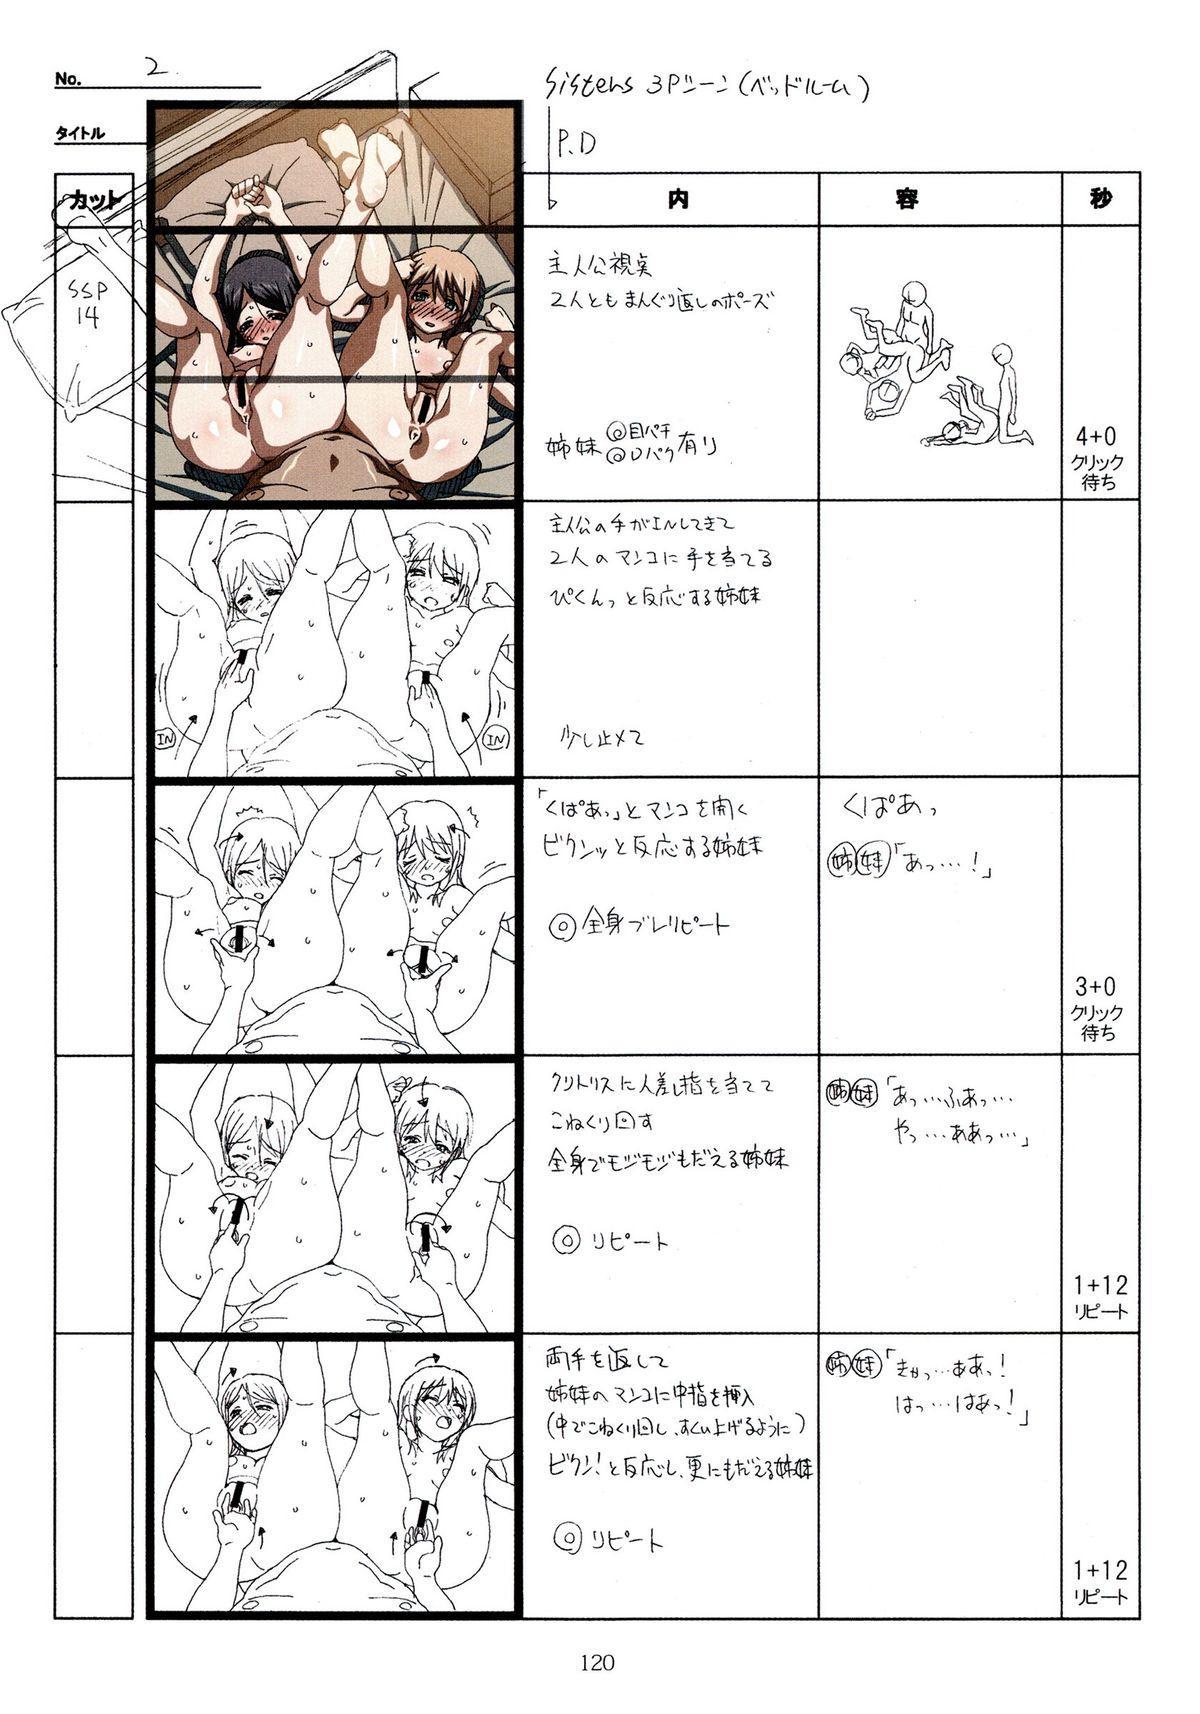 (C89) [Makino Jimusho (Taki Minashika)] SISTERS -Natsu no Saigo no Hi- H Scene All Part Storyboard (SISTERS -Natsu no Saigo no Hi-) 119